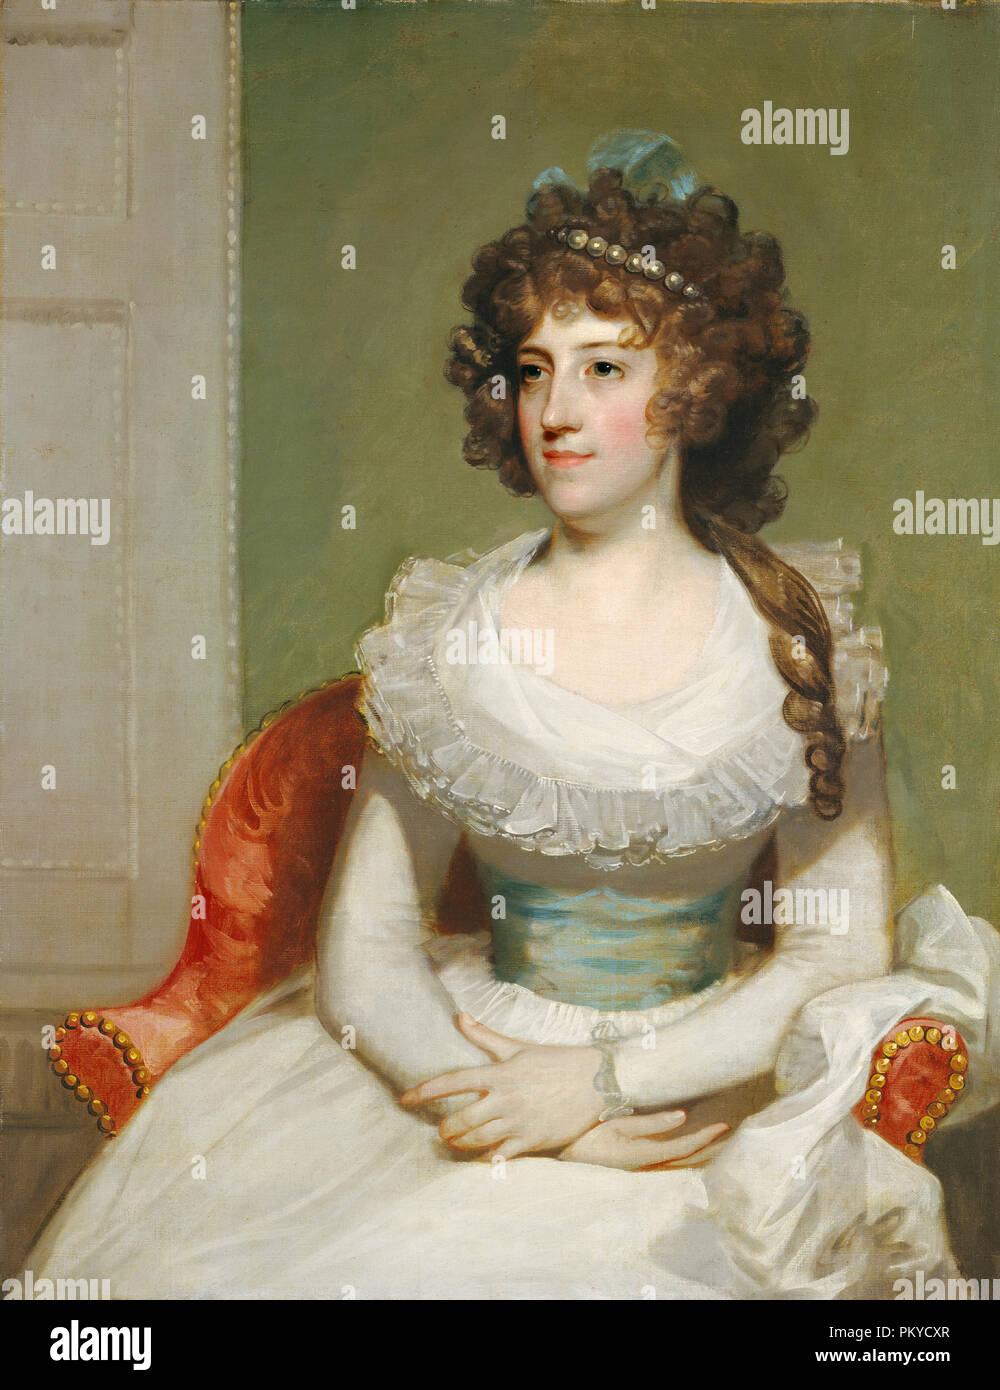 Matilda Caroline Cruger. Data: c. 1795. Dimensioni: complessivo: 91,7 x 71,6 cm (36 1/8 x 28 3/16 in.) incorniciato: 123,2 x 102,2 x 7 cm (48 1/2 x 40 1/4 x 2 3/4 in.). Medium: olio su tela. Museo: National Gallery of Art di Washington DC. Autore: American del XVIII secolo. Immagini Stock